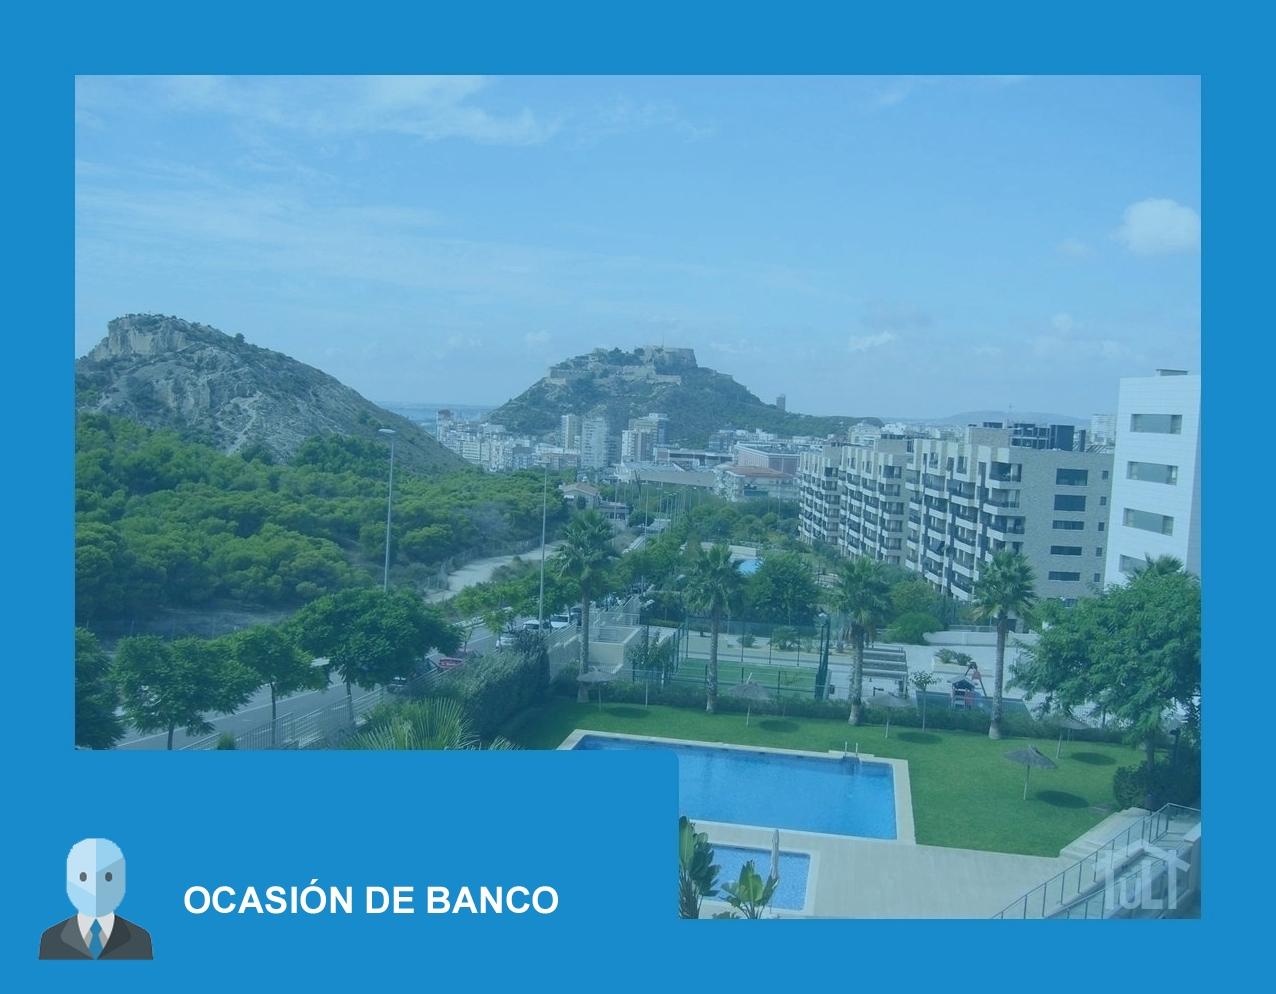 Piso – 2 dormitorios – Alicante – Vistahermosa – Ocasion de Banco